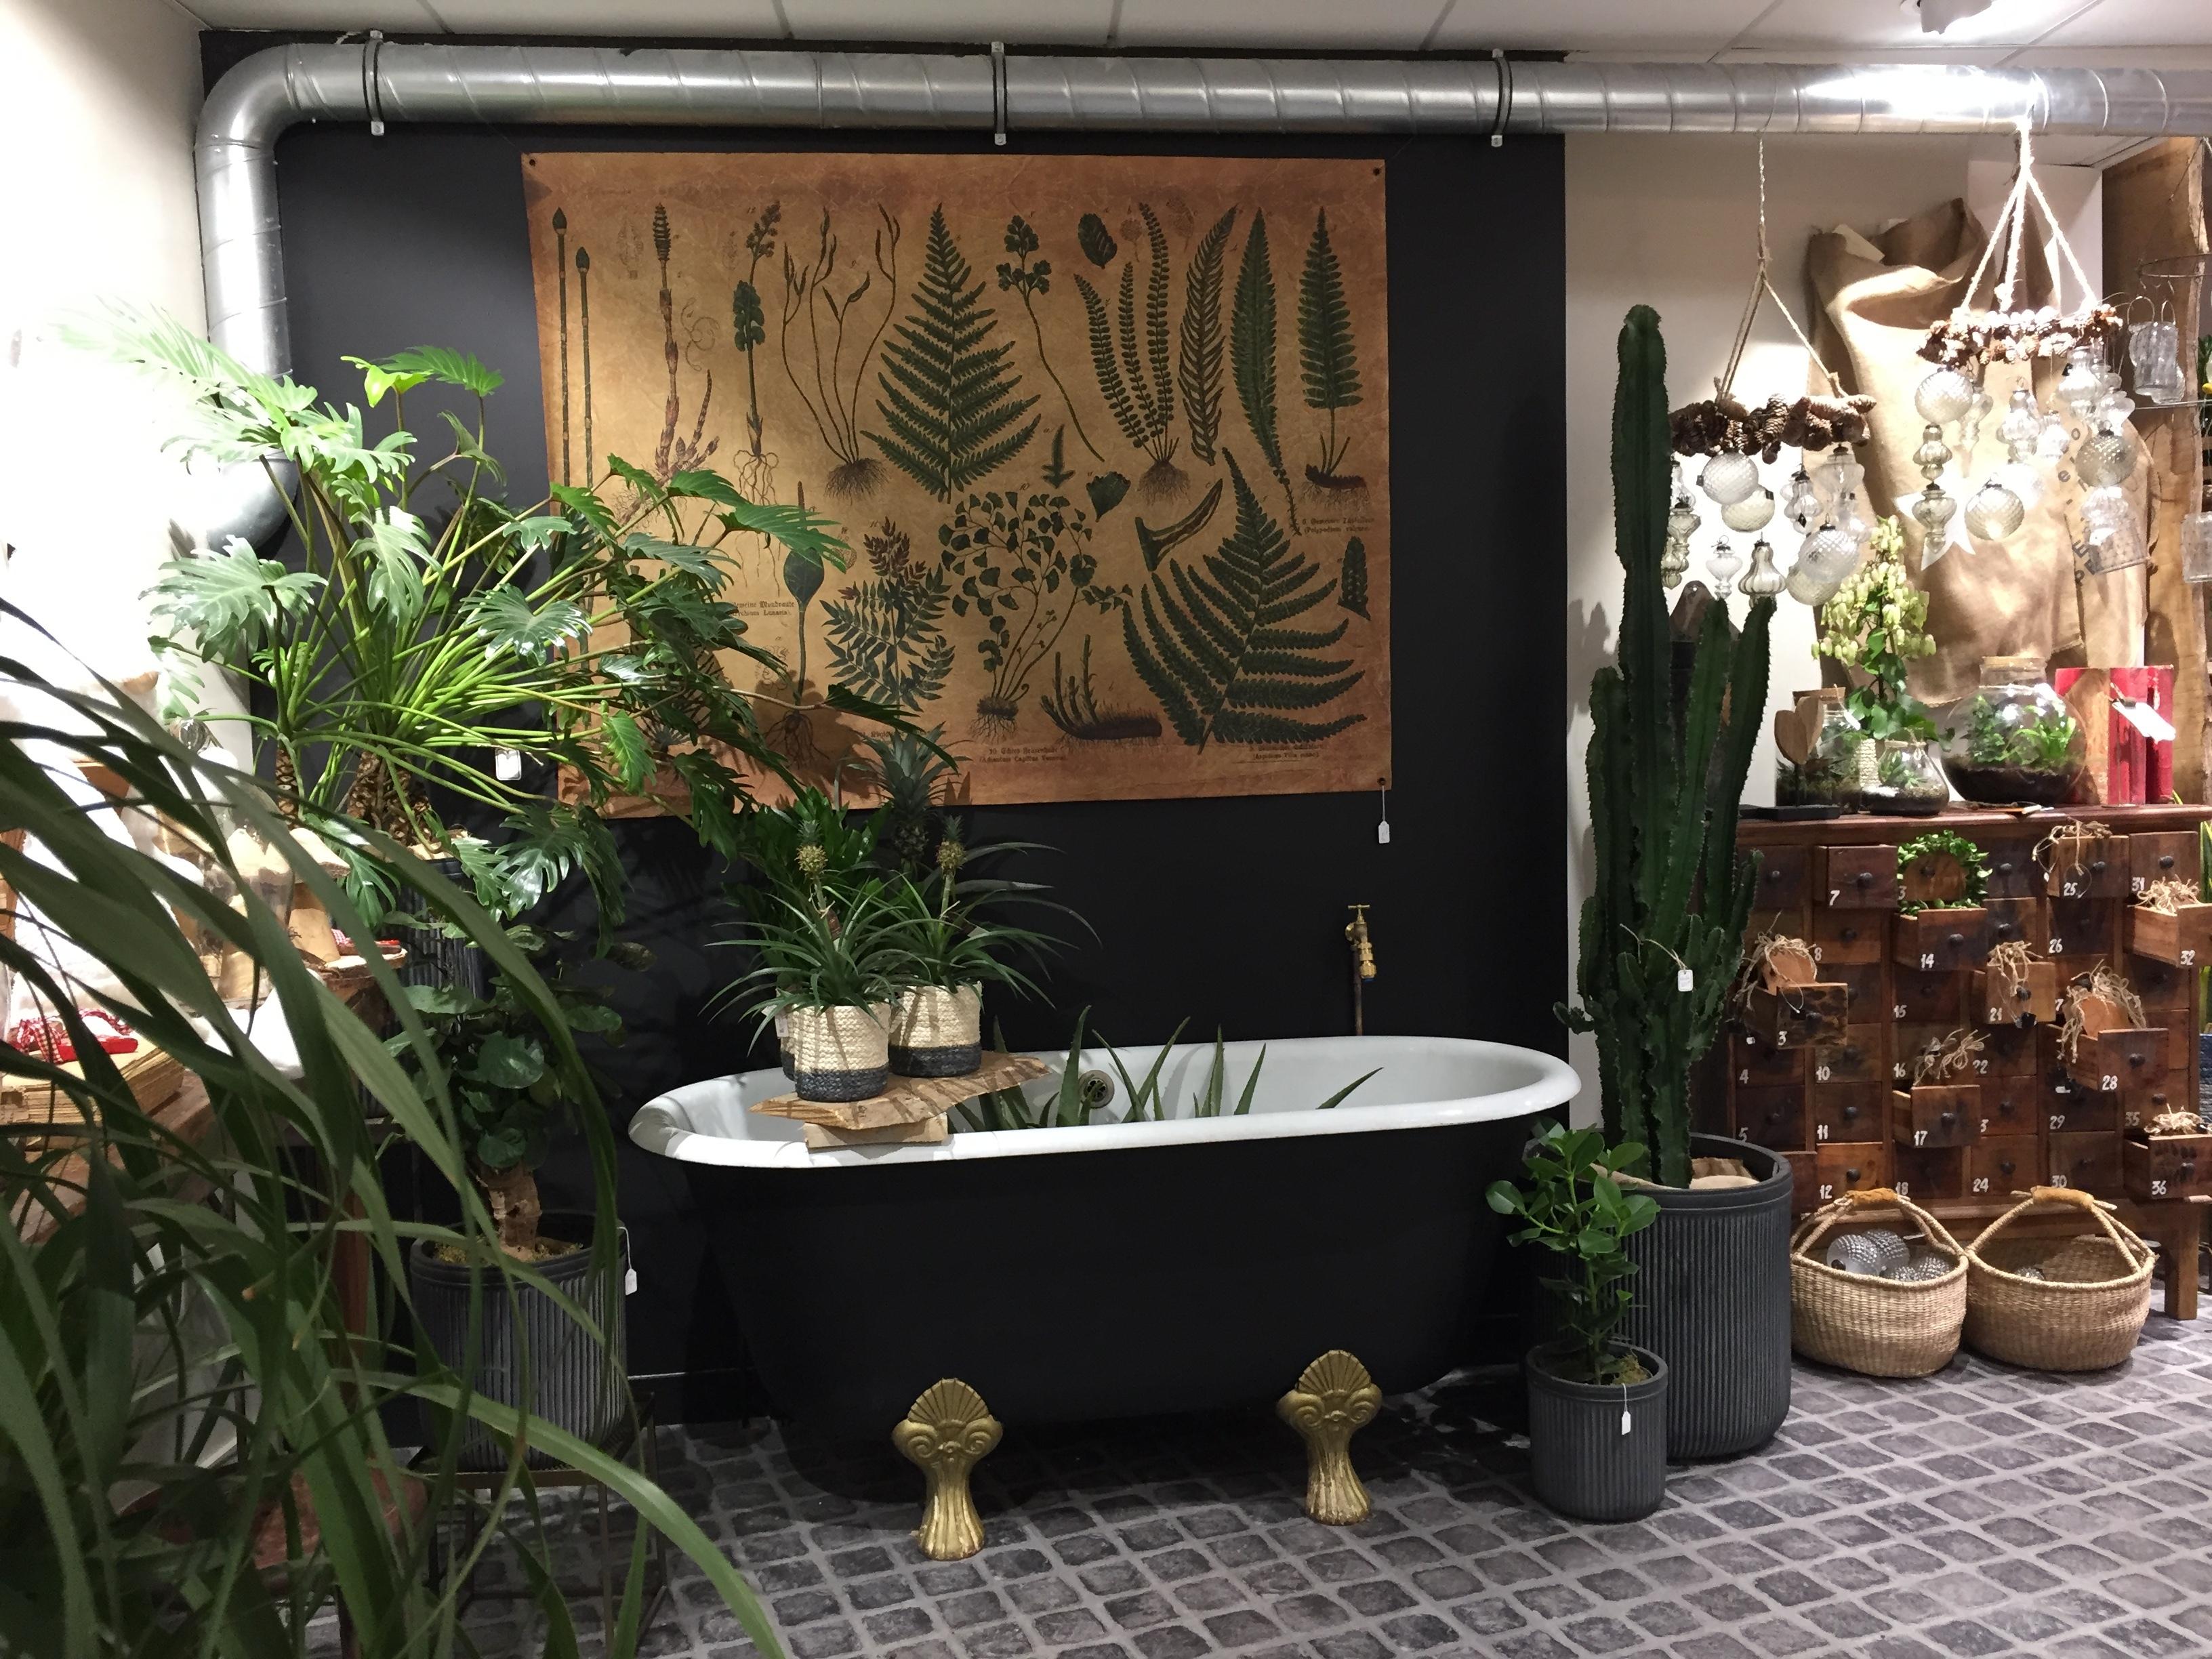 Galerie d'image - L'atelier nature